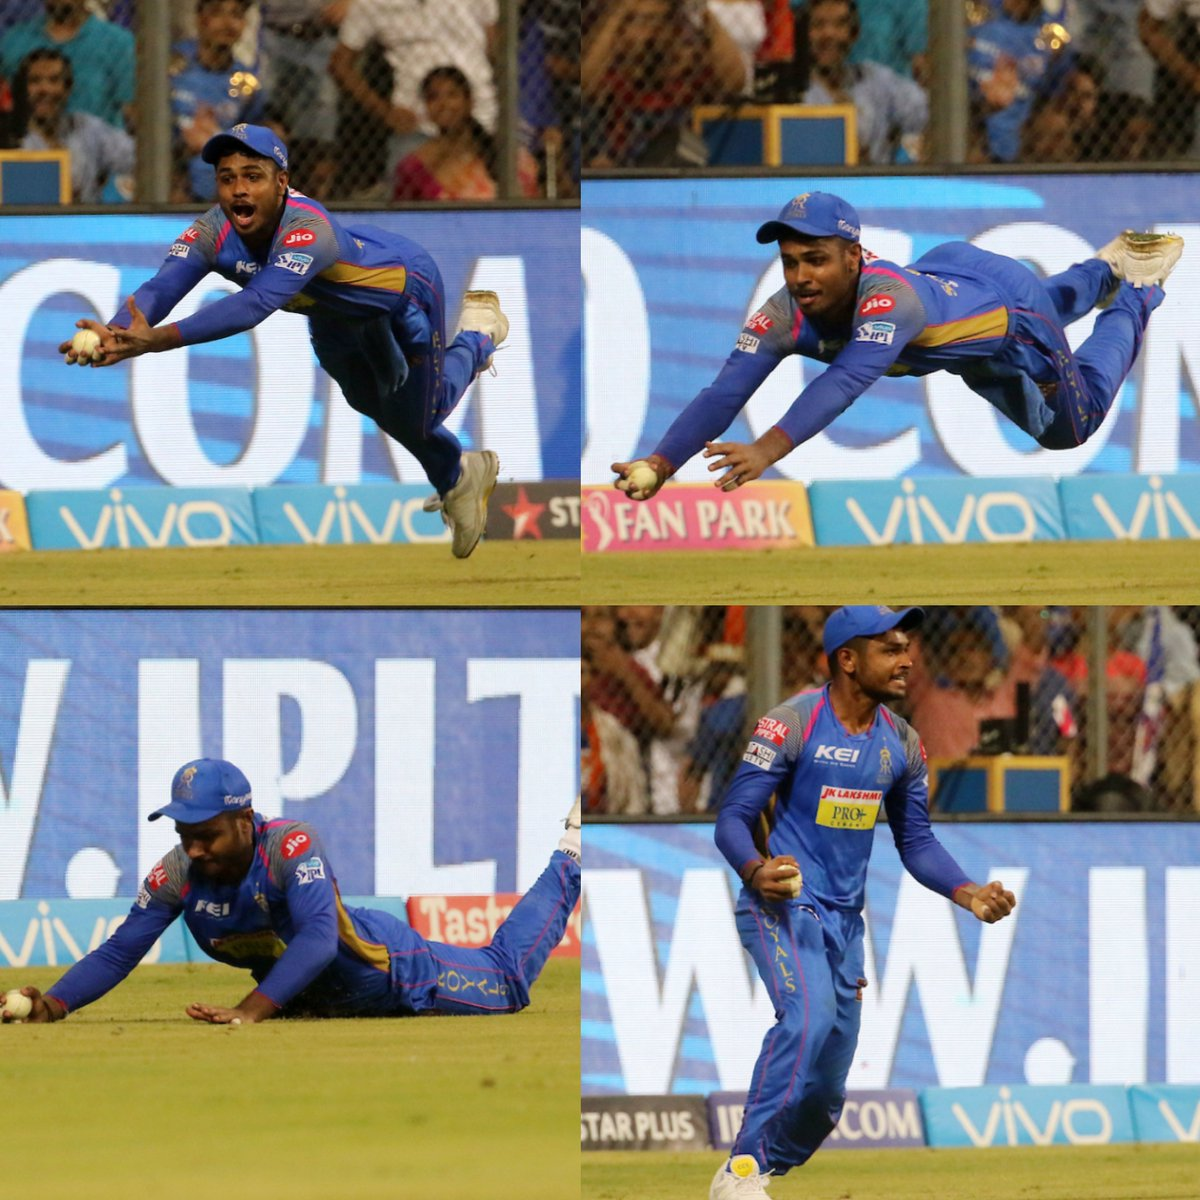 विडियो: एक बार फिर से मैदान में सुपरमैन बने संजू सैमसन, लिया हैरान कर देना वाला कैच 12